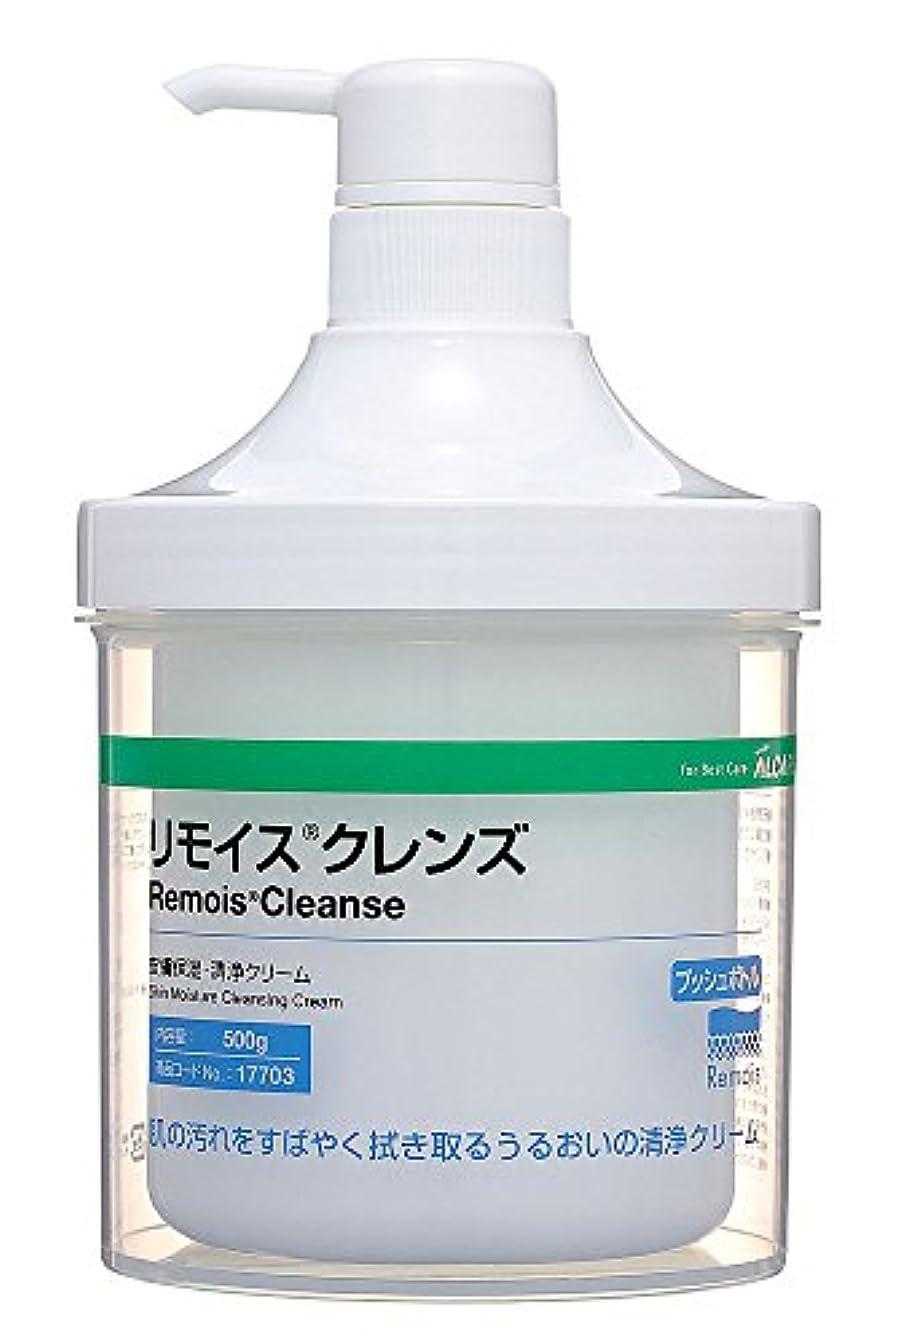 仲間合併症描写アルケア リモイスクレンズ 皮膚保湿?清浄クリーム 17703 プッシュボトル 500g